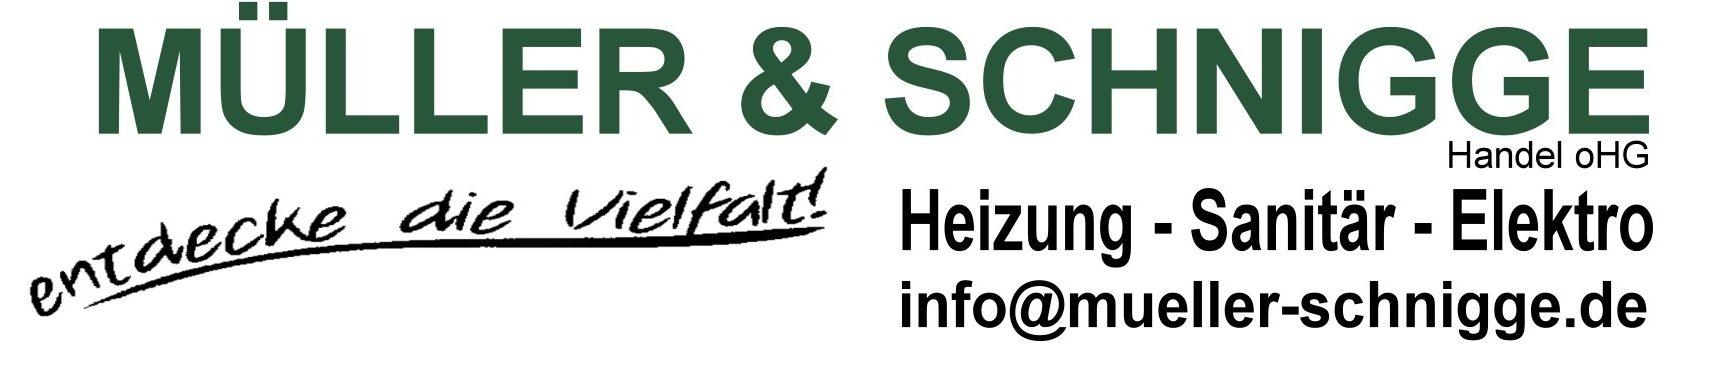 MÜLLER & SCHNIGGE oHG